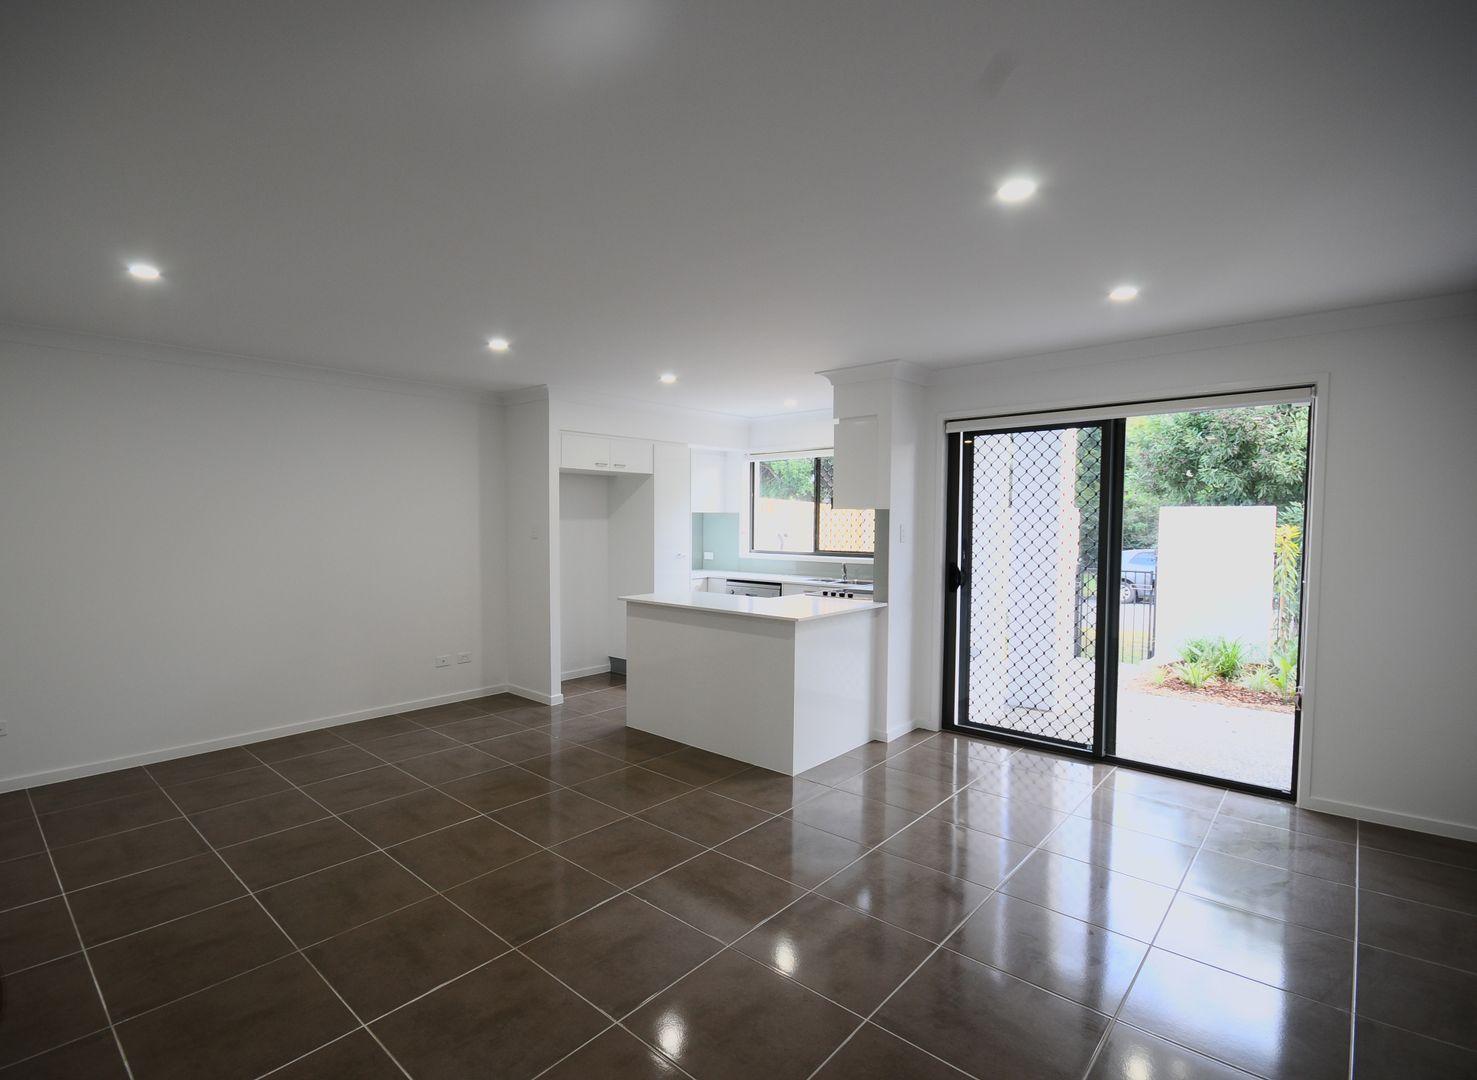 Unit 6/35 Brentford Rd, Richlands QLD 4077, Image 2